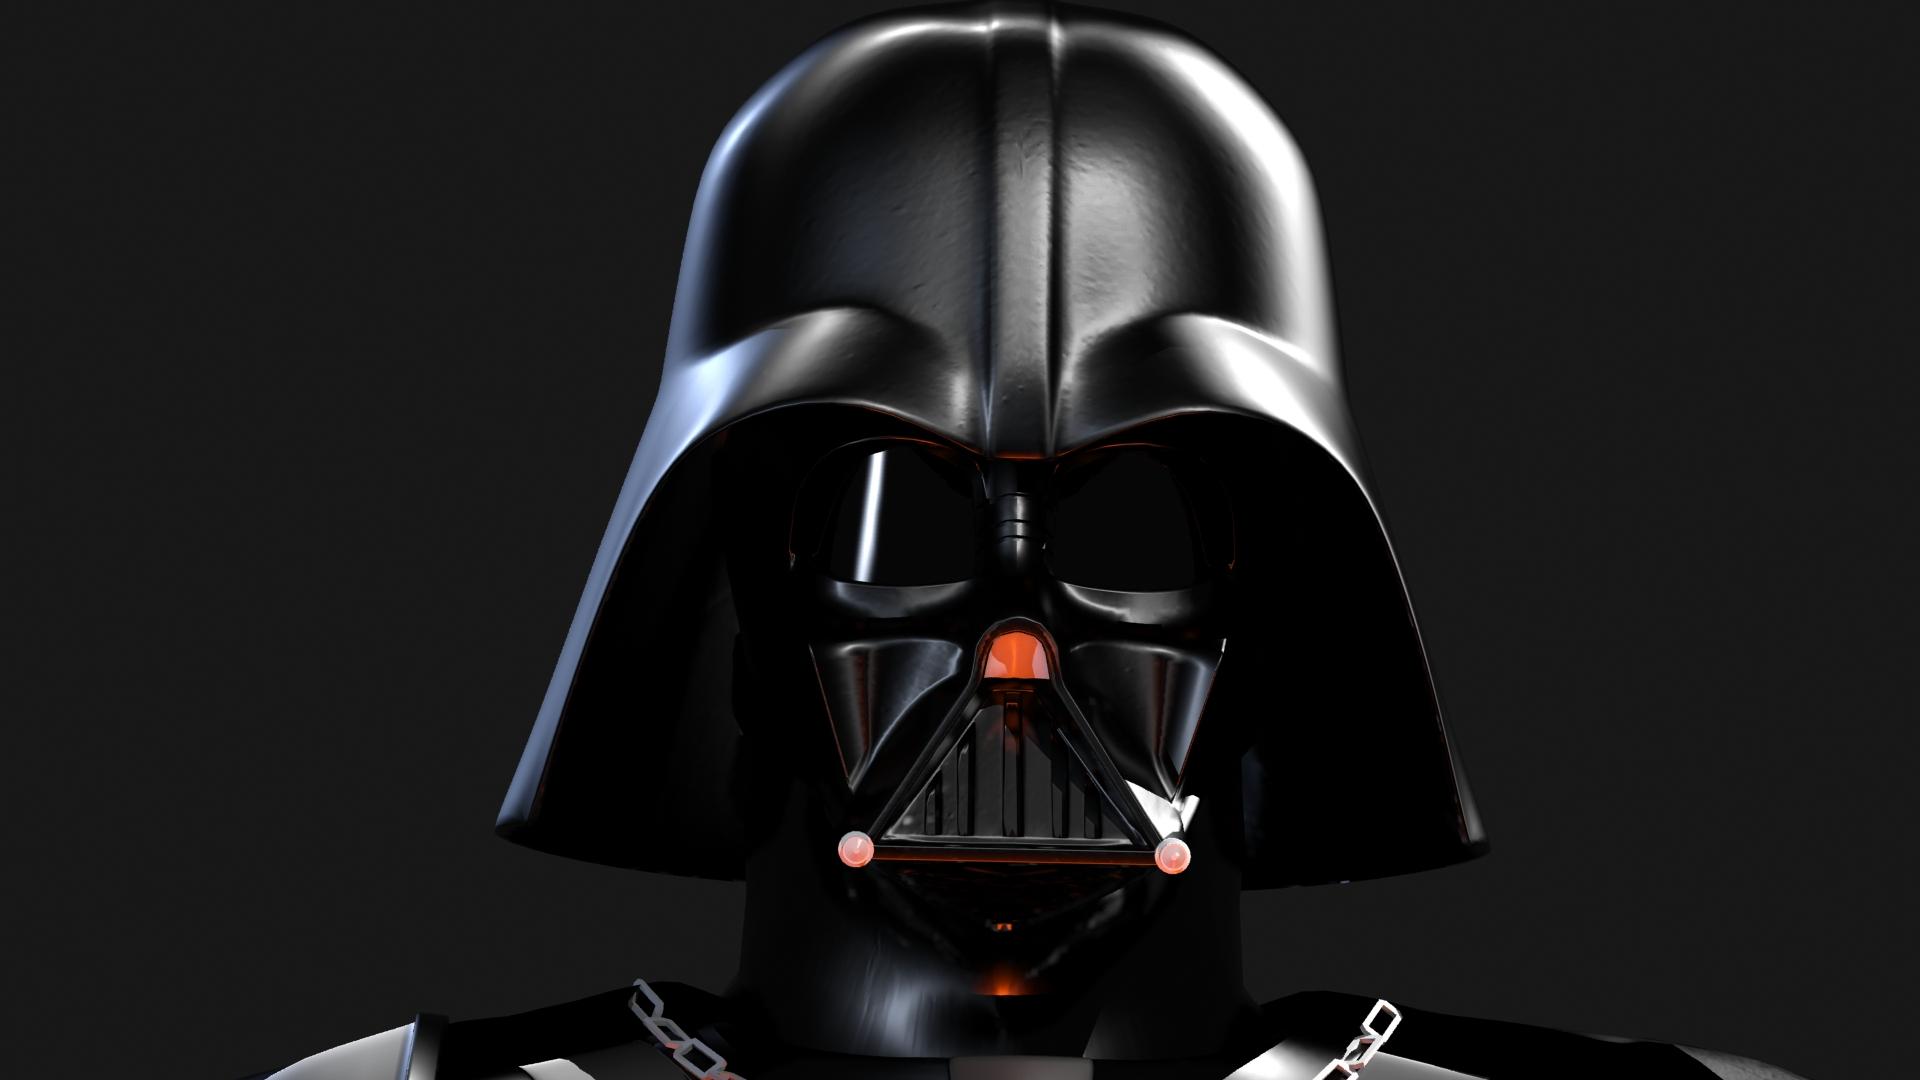 Darth Vader Helmet 3D By Teonardo On DeviantArt